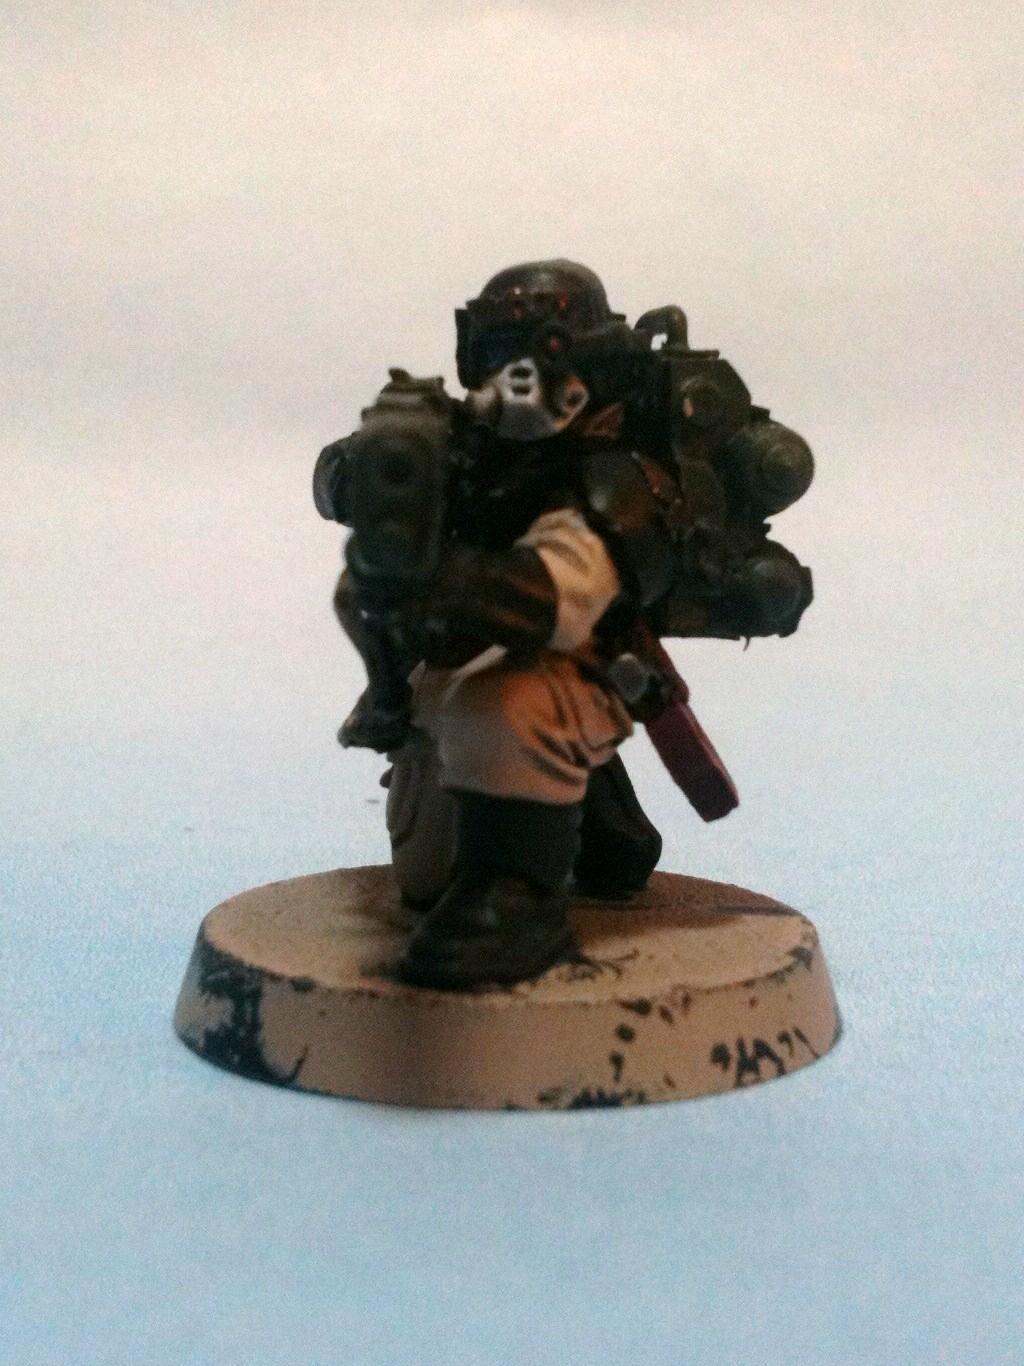 Astra Militarum, Imperial Guard